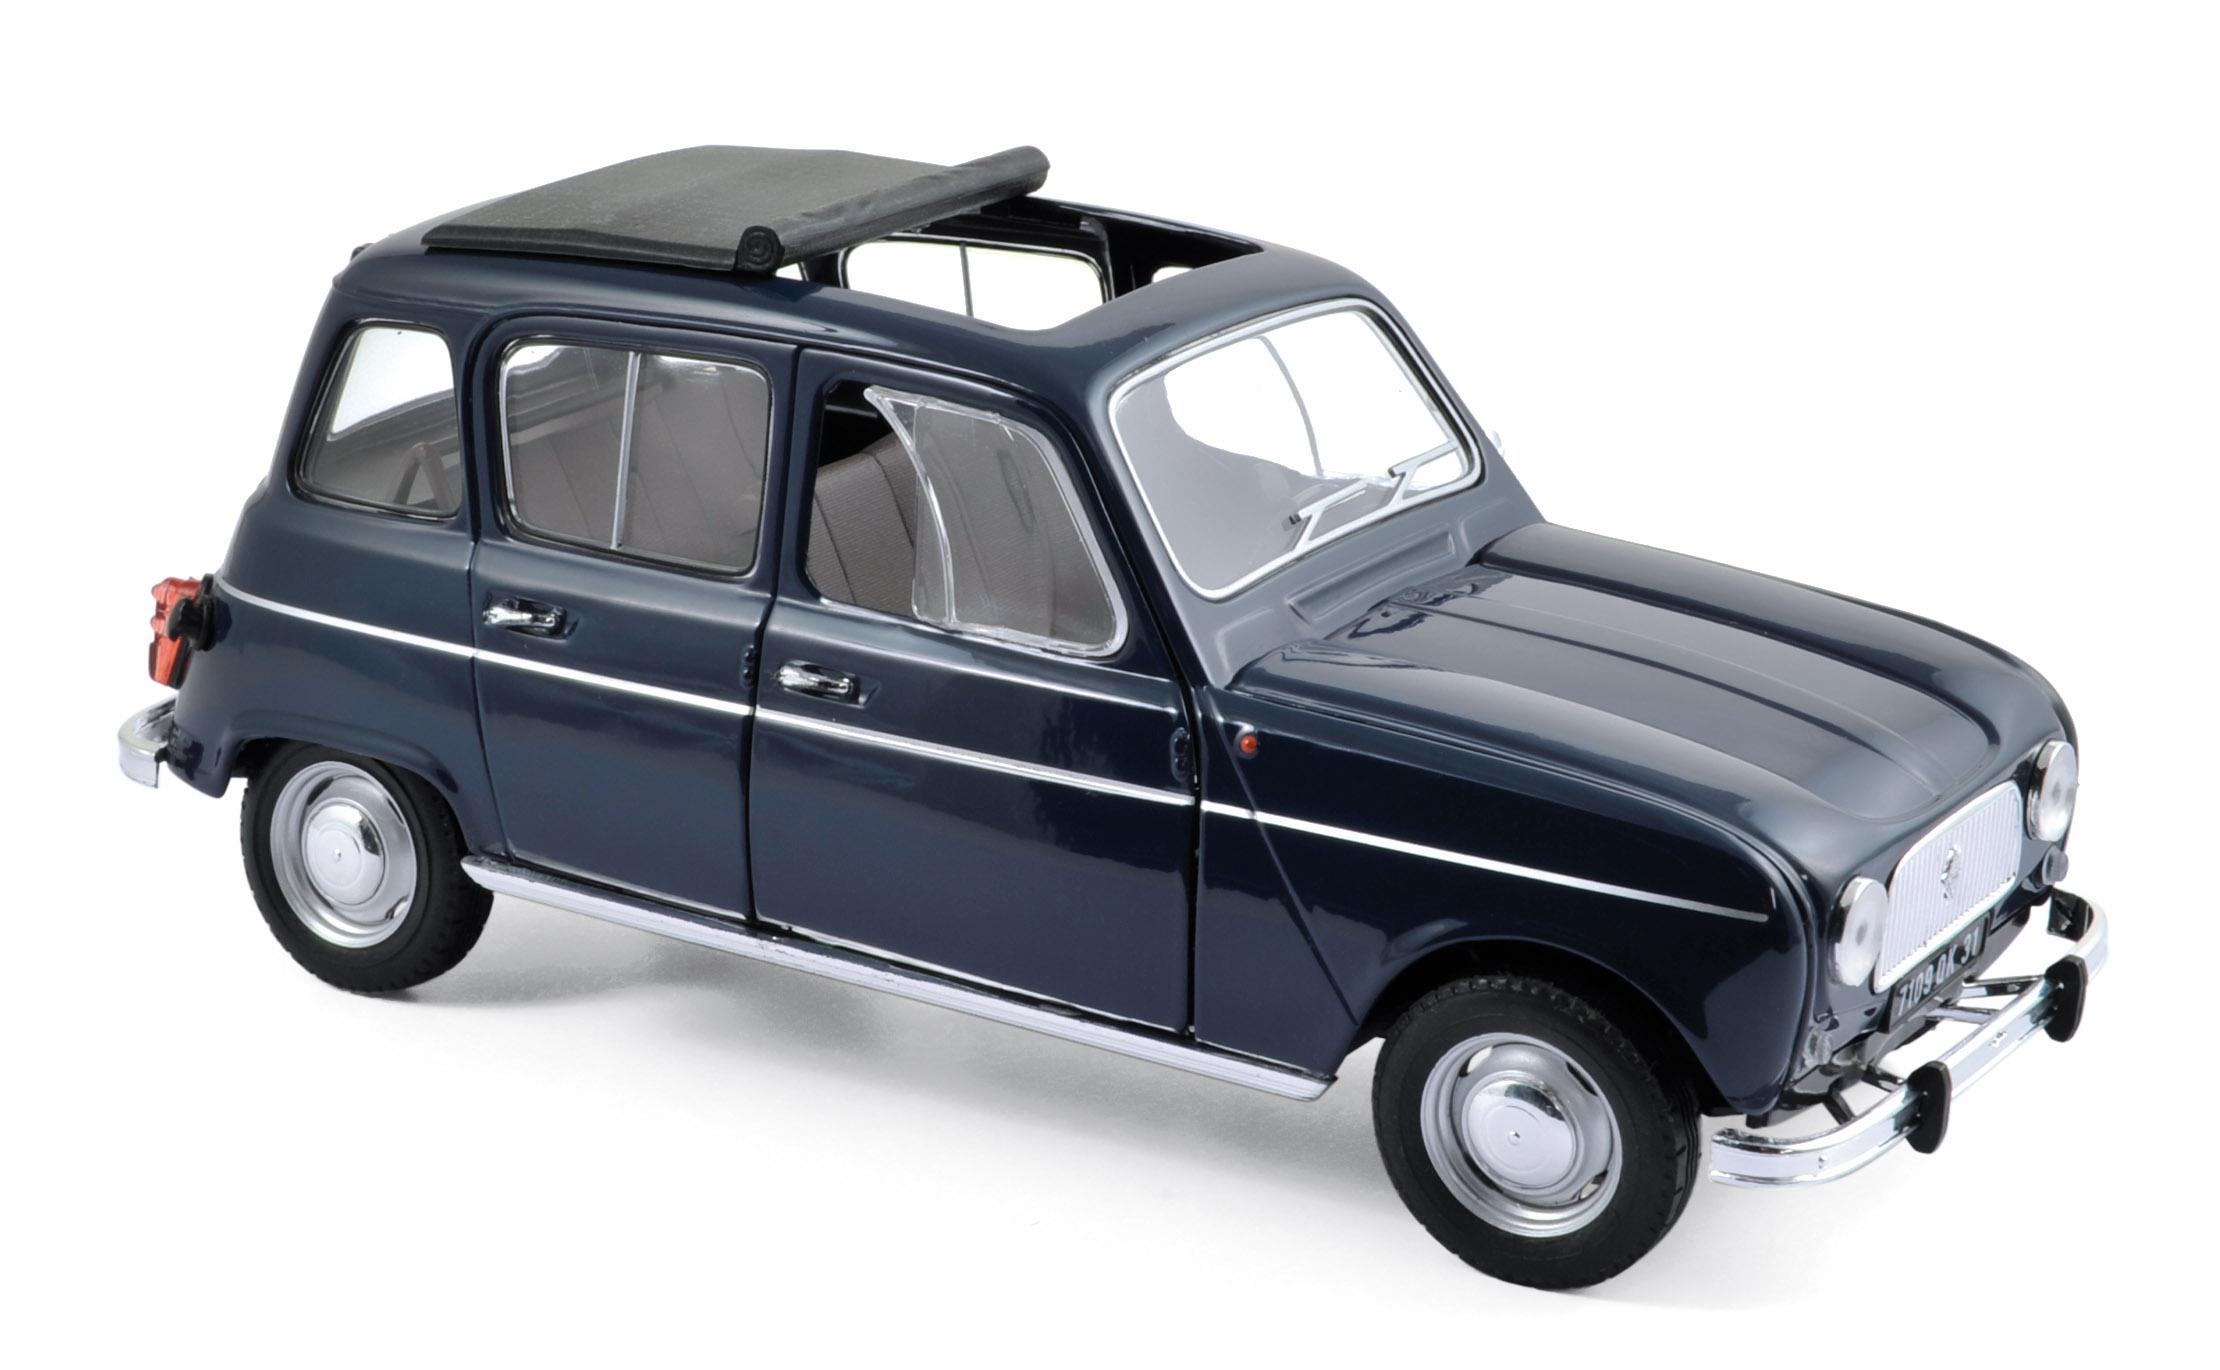 norev 185241 renault r4 blau 1965 menzels lokschuppen onlineshop. Black Bedroom Furniture Sets. Home Design Ideas